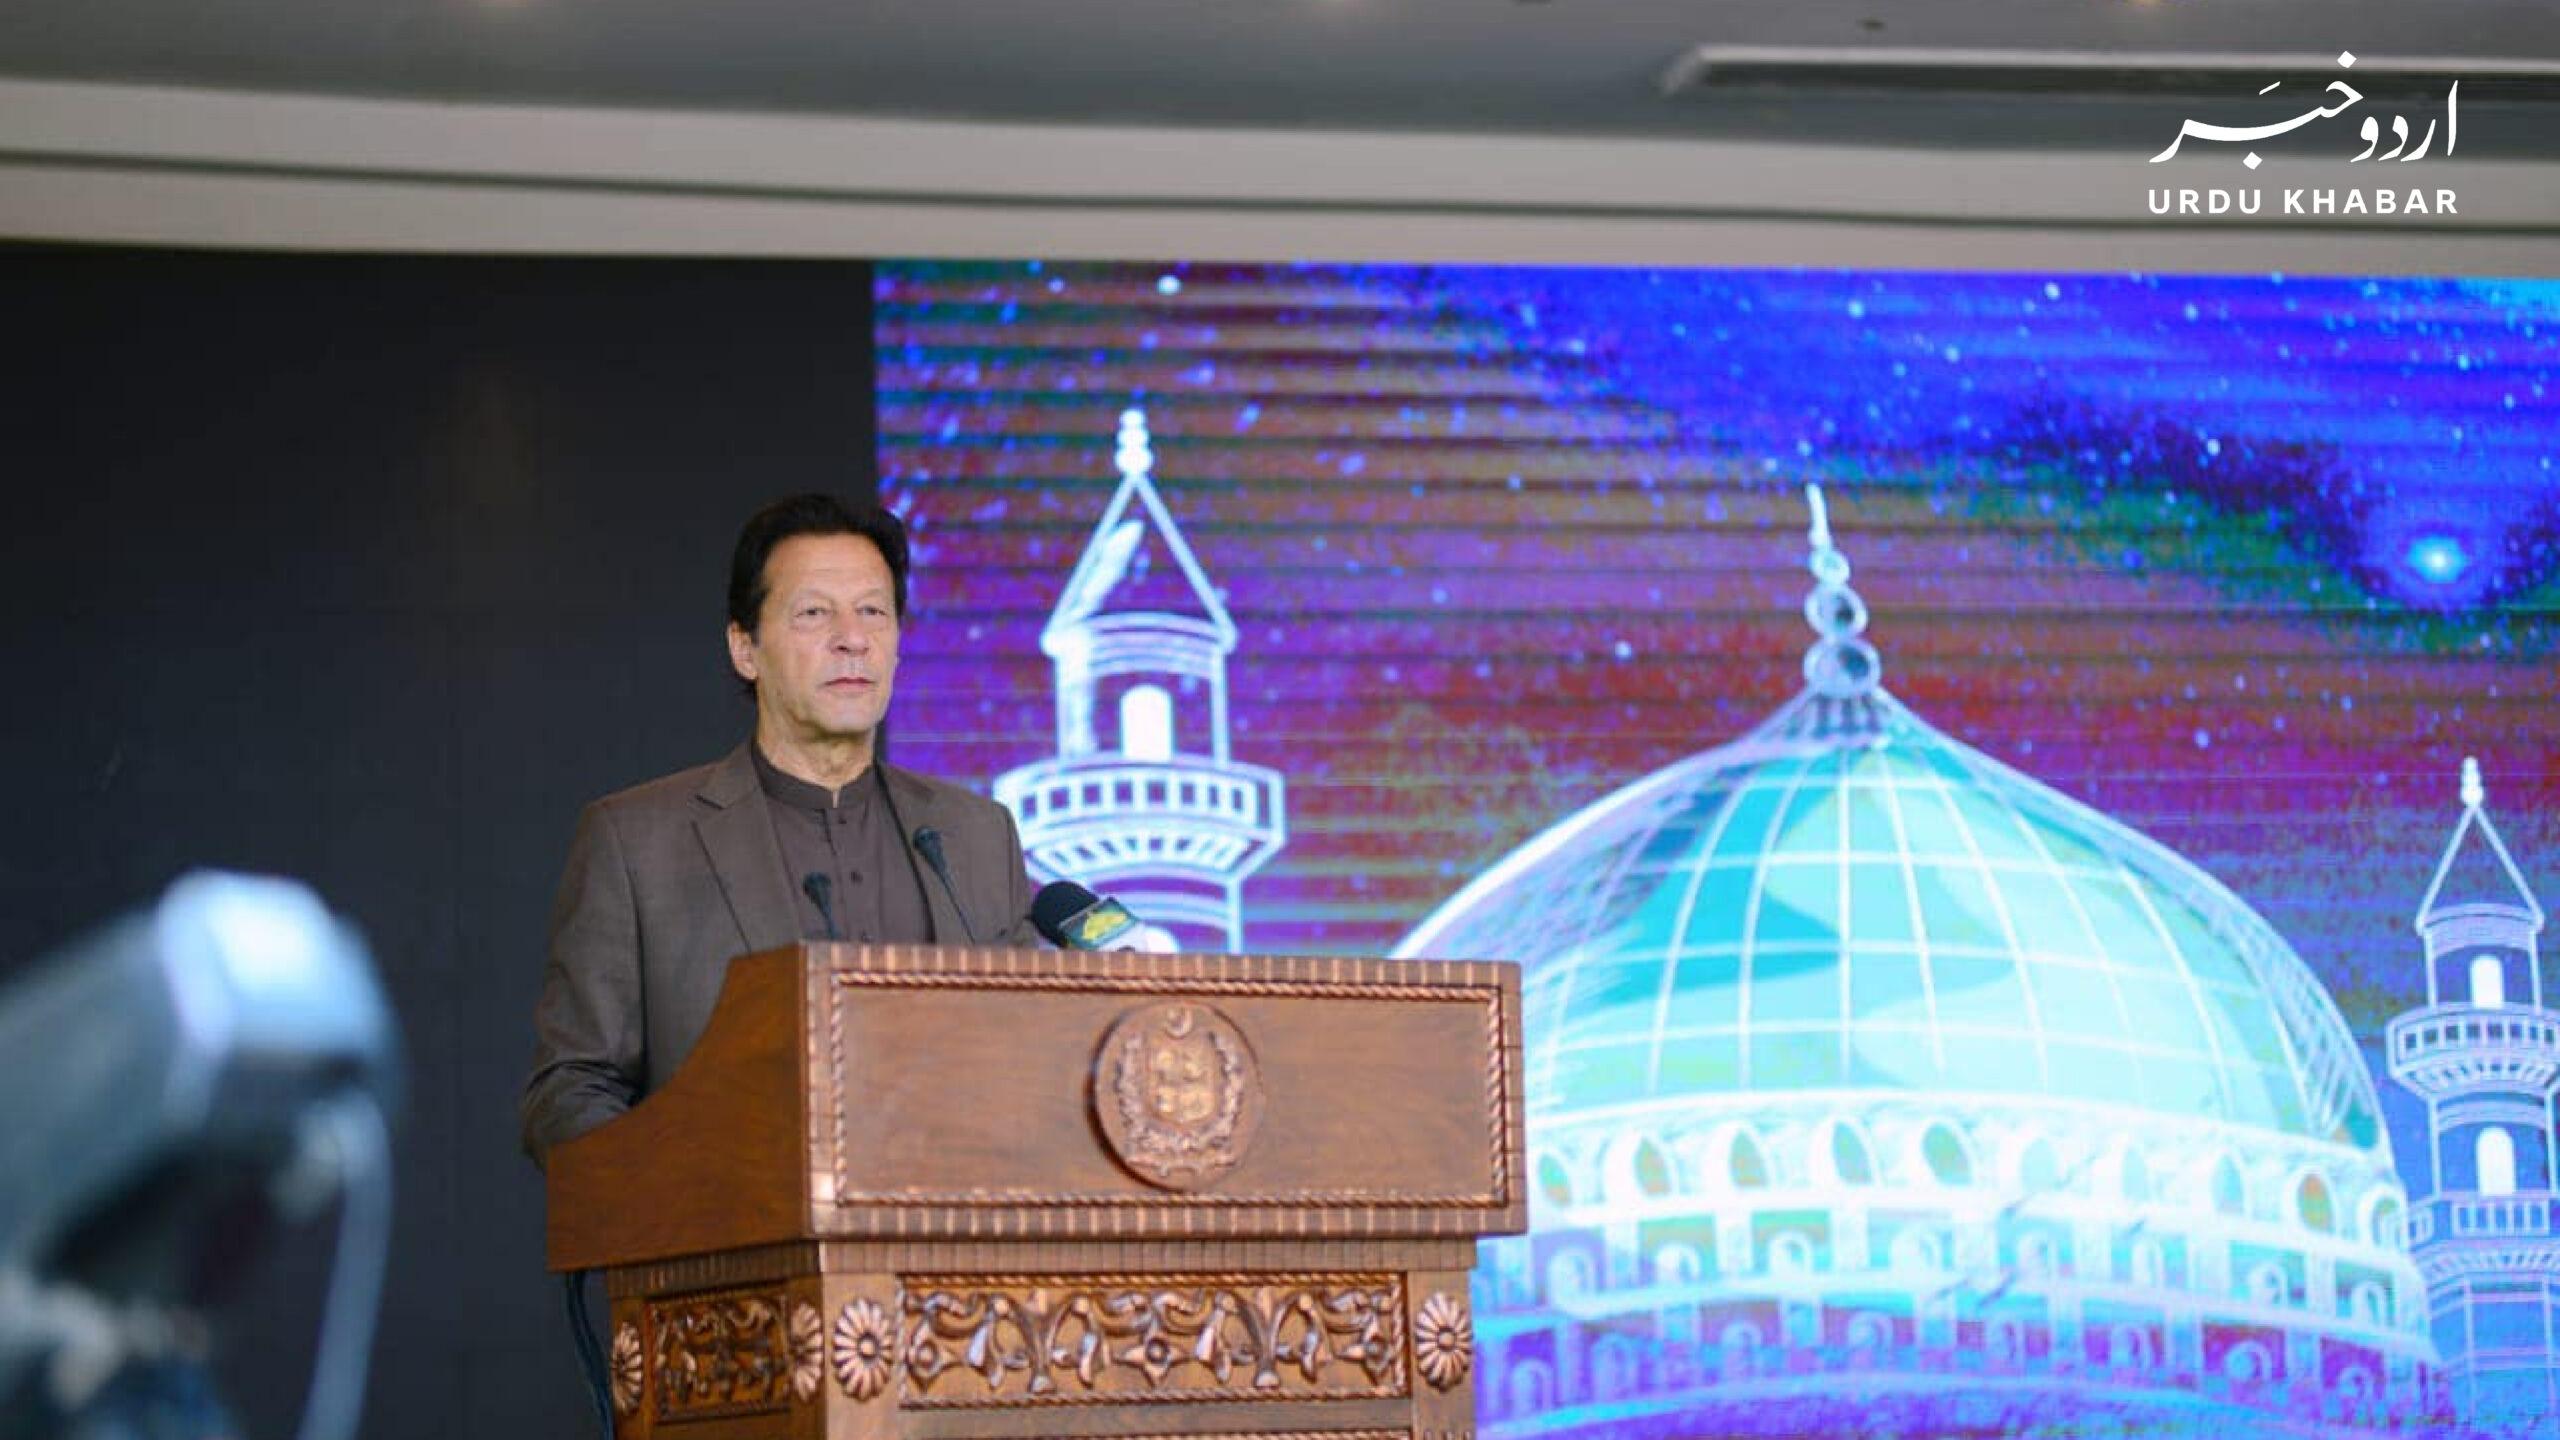 وزیر اعظم عمران خان نے سندھ میں 446 بلین روپے خرچ کرنے کا منصوبہ بتا دیا